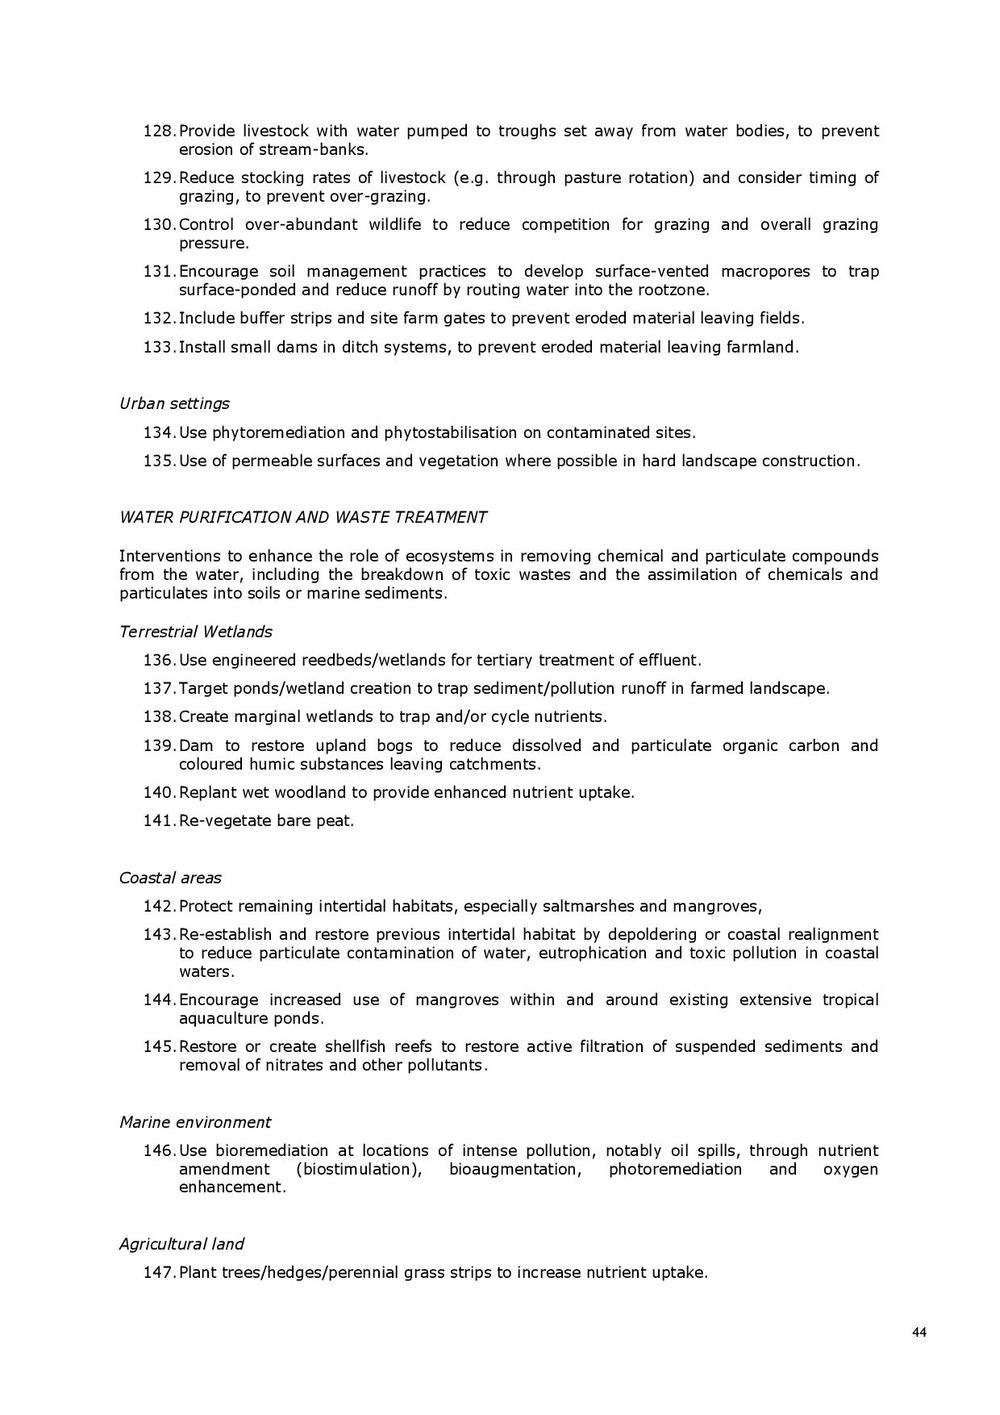 DG RTD_WEB-Publication A4_NBS_long_version_20150310-page-046.jpg